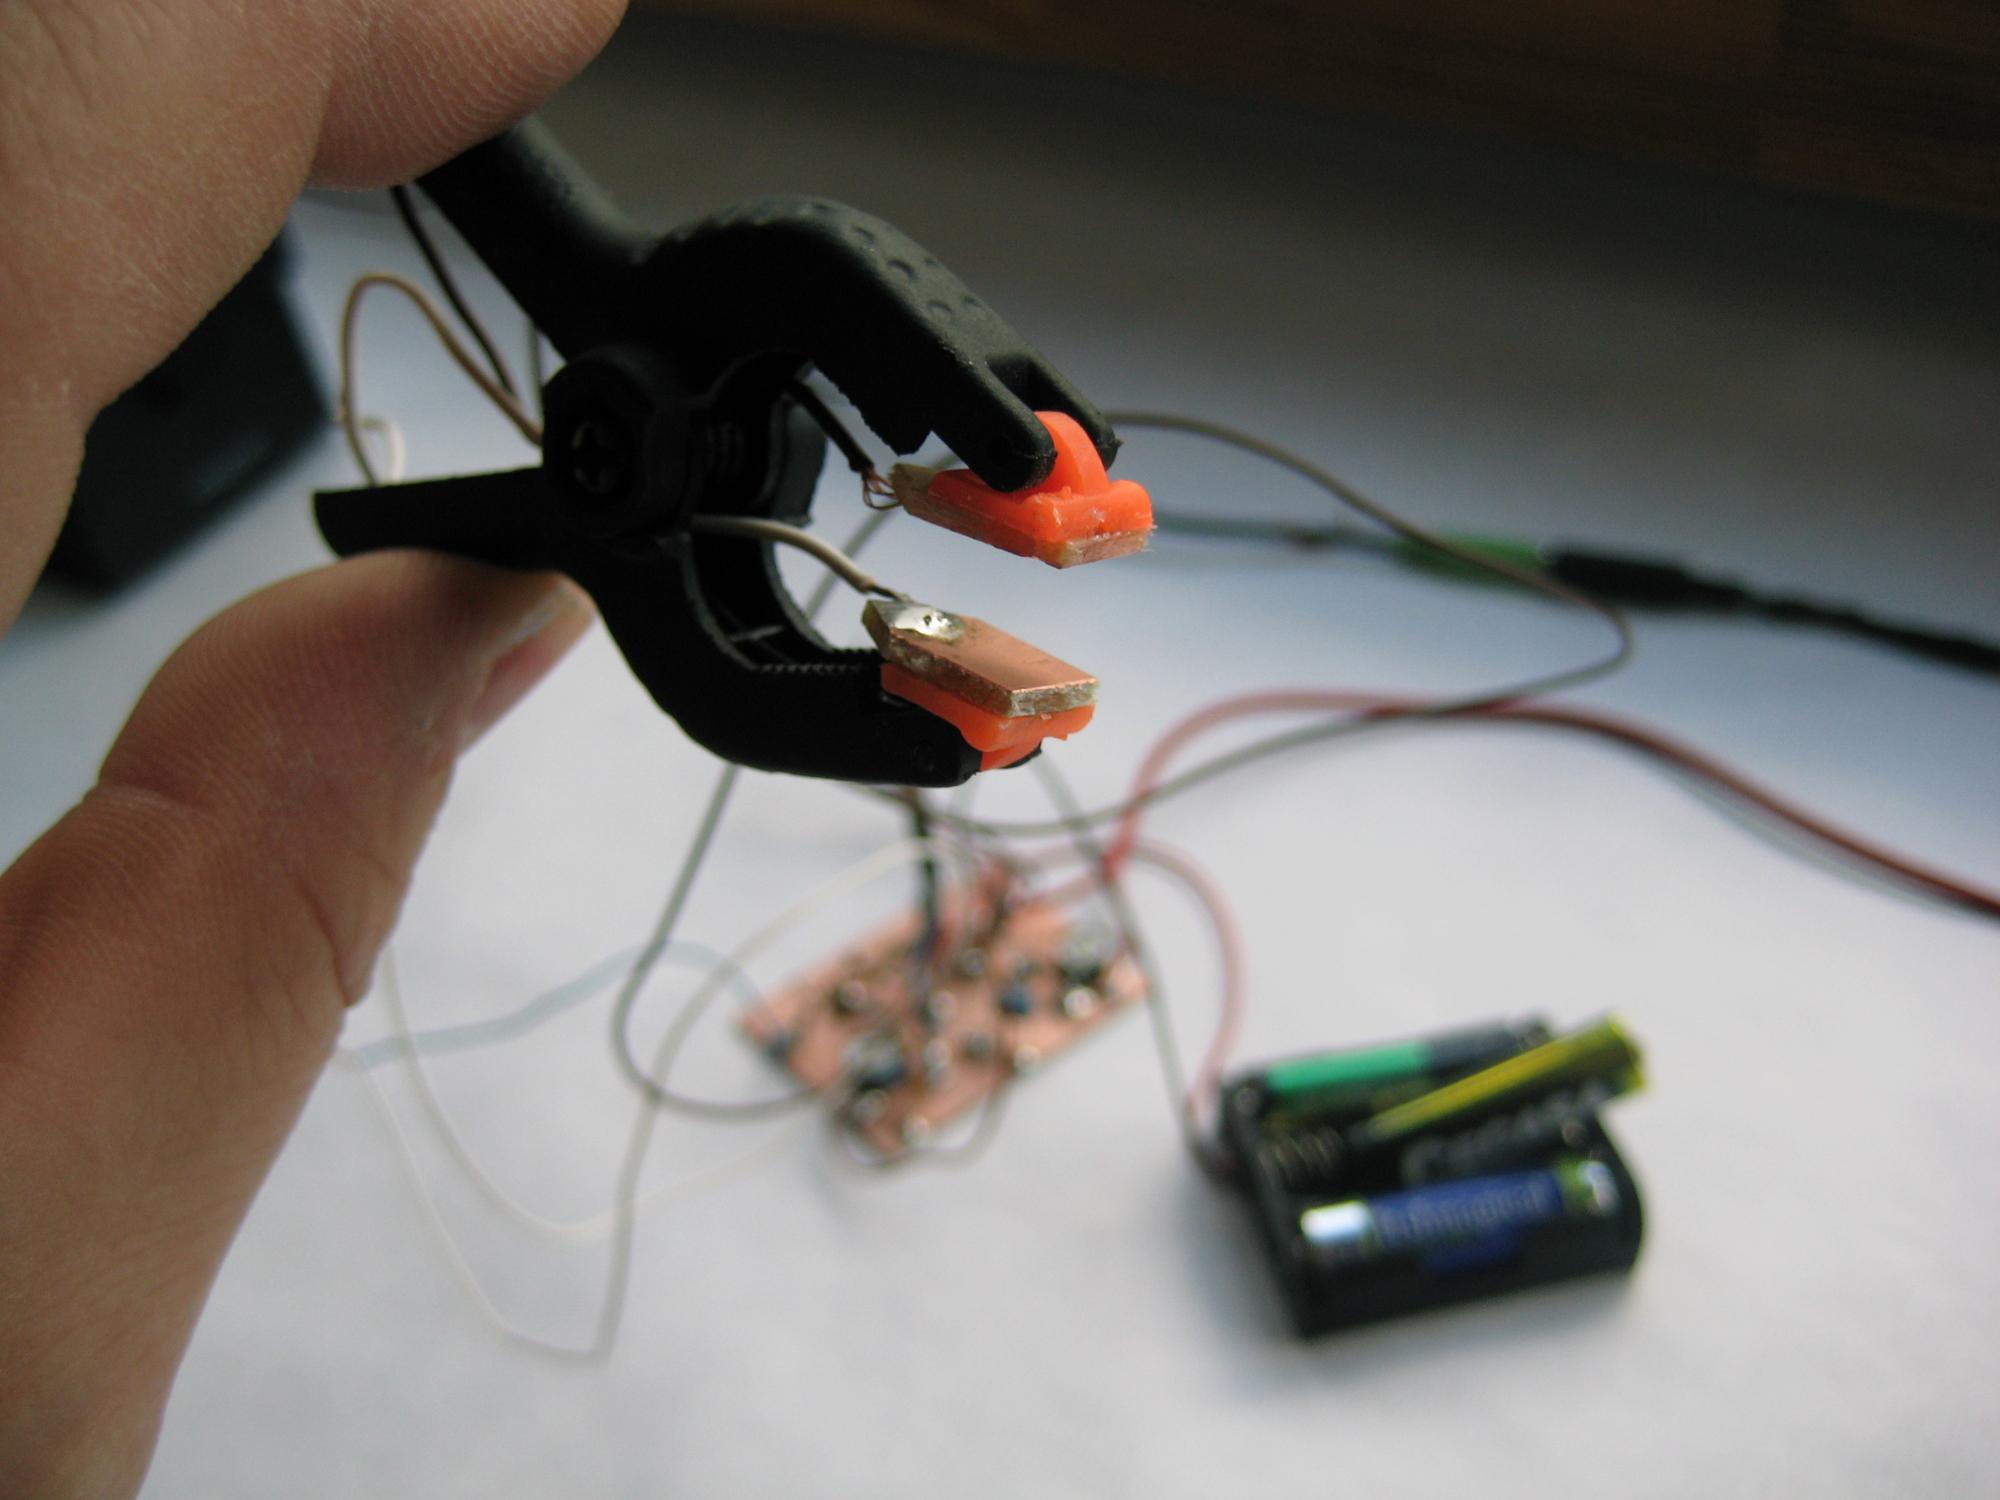 El circuito integrado está conectado a los componentes que le rodean de modo que la salida provoca una onda cuadrada cuya frecuecia es perceptible. El transistor T1 da la señal […]